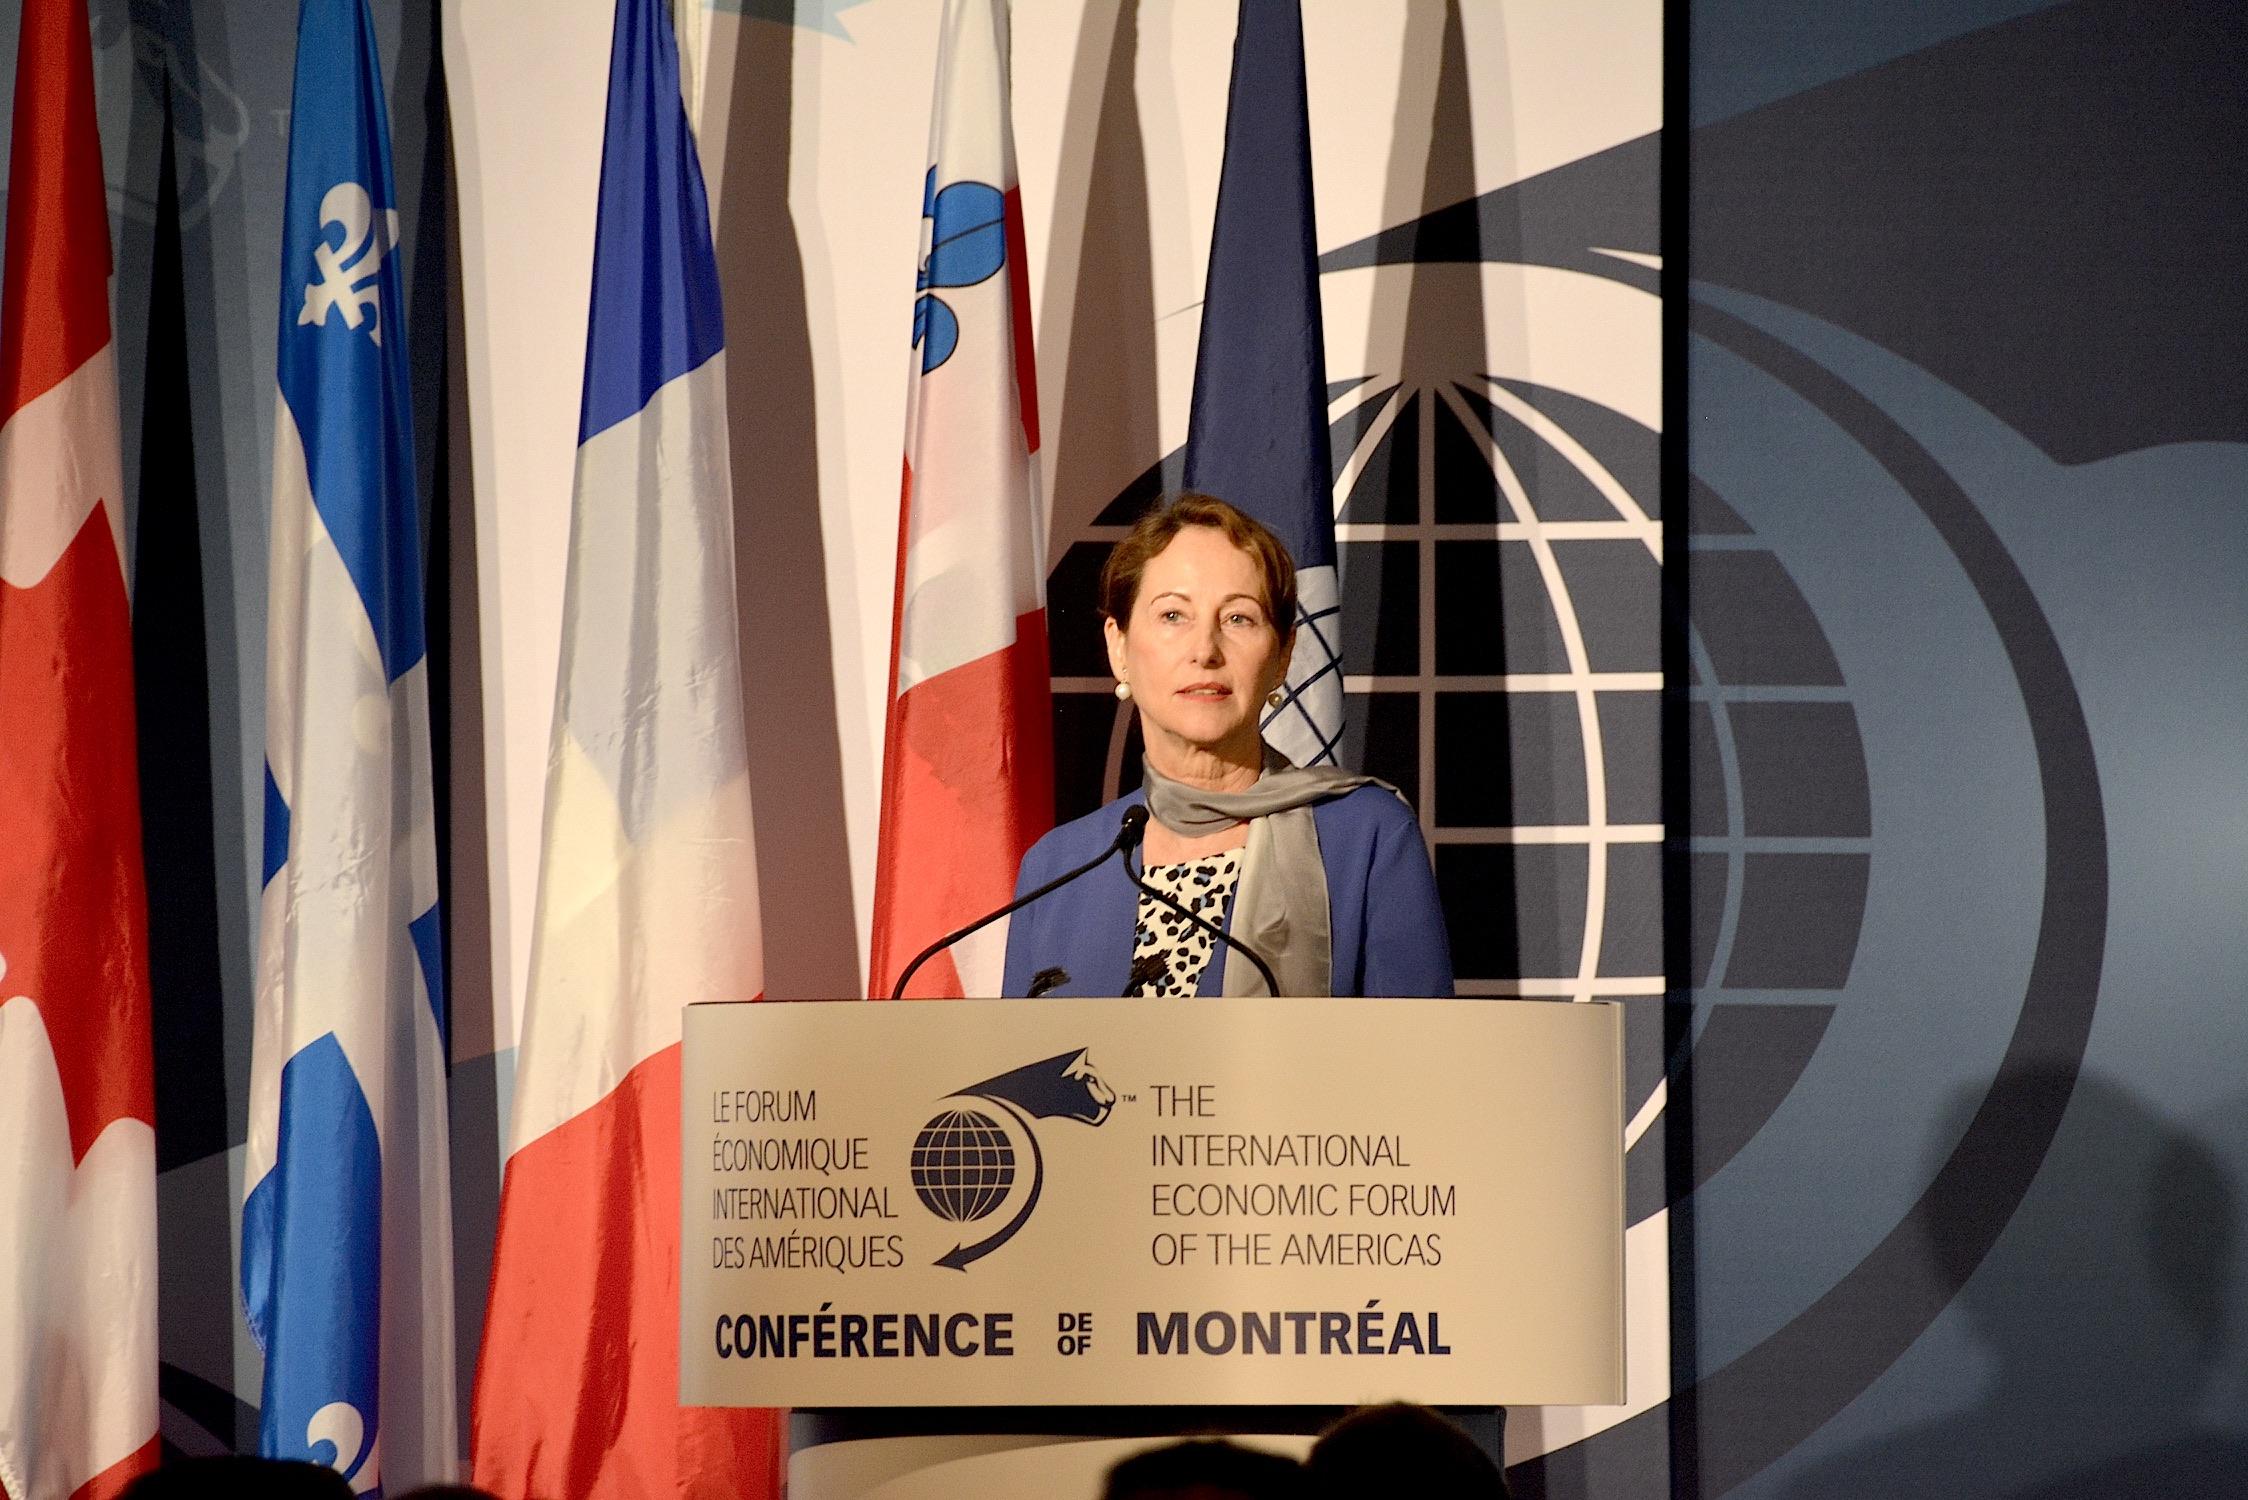 Alors que Ségolène Royal plaide la cause du climat à Montréal, le monde répond OUI